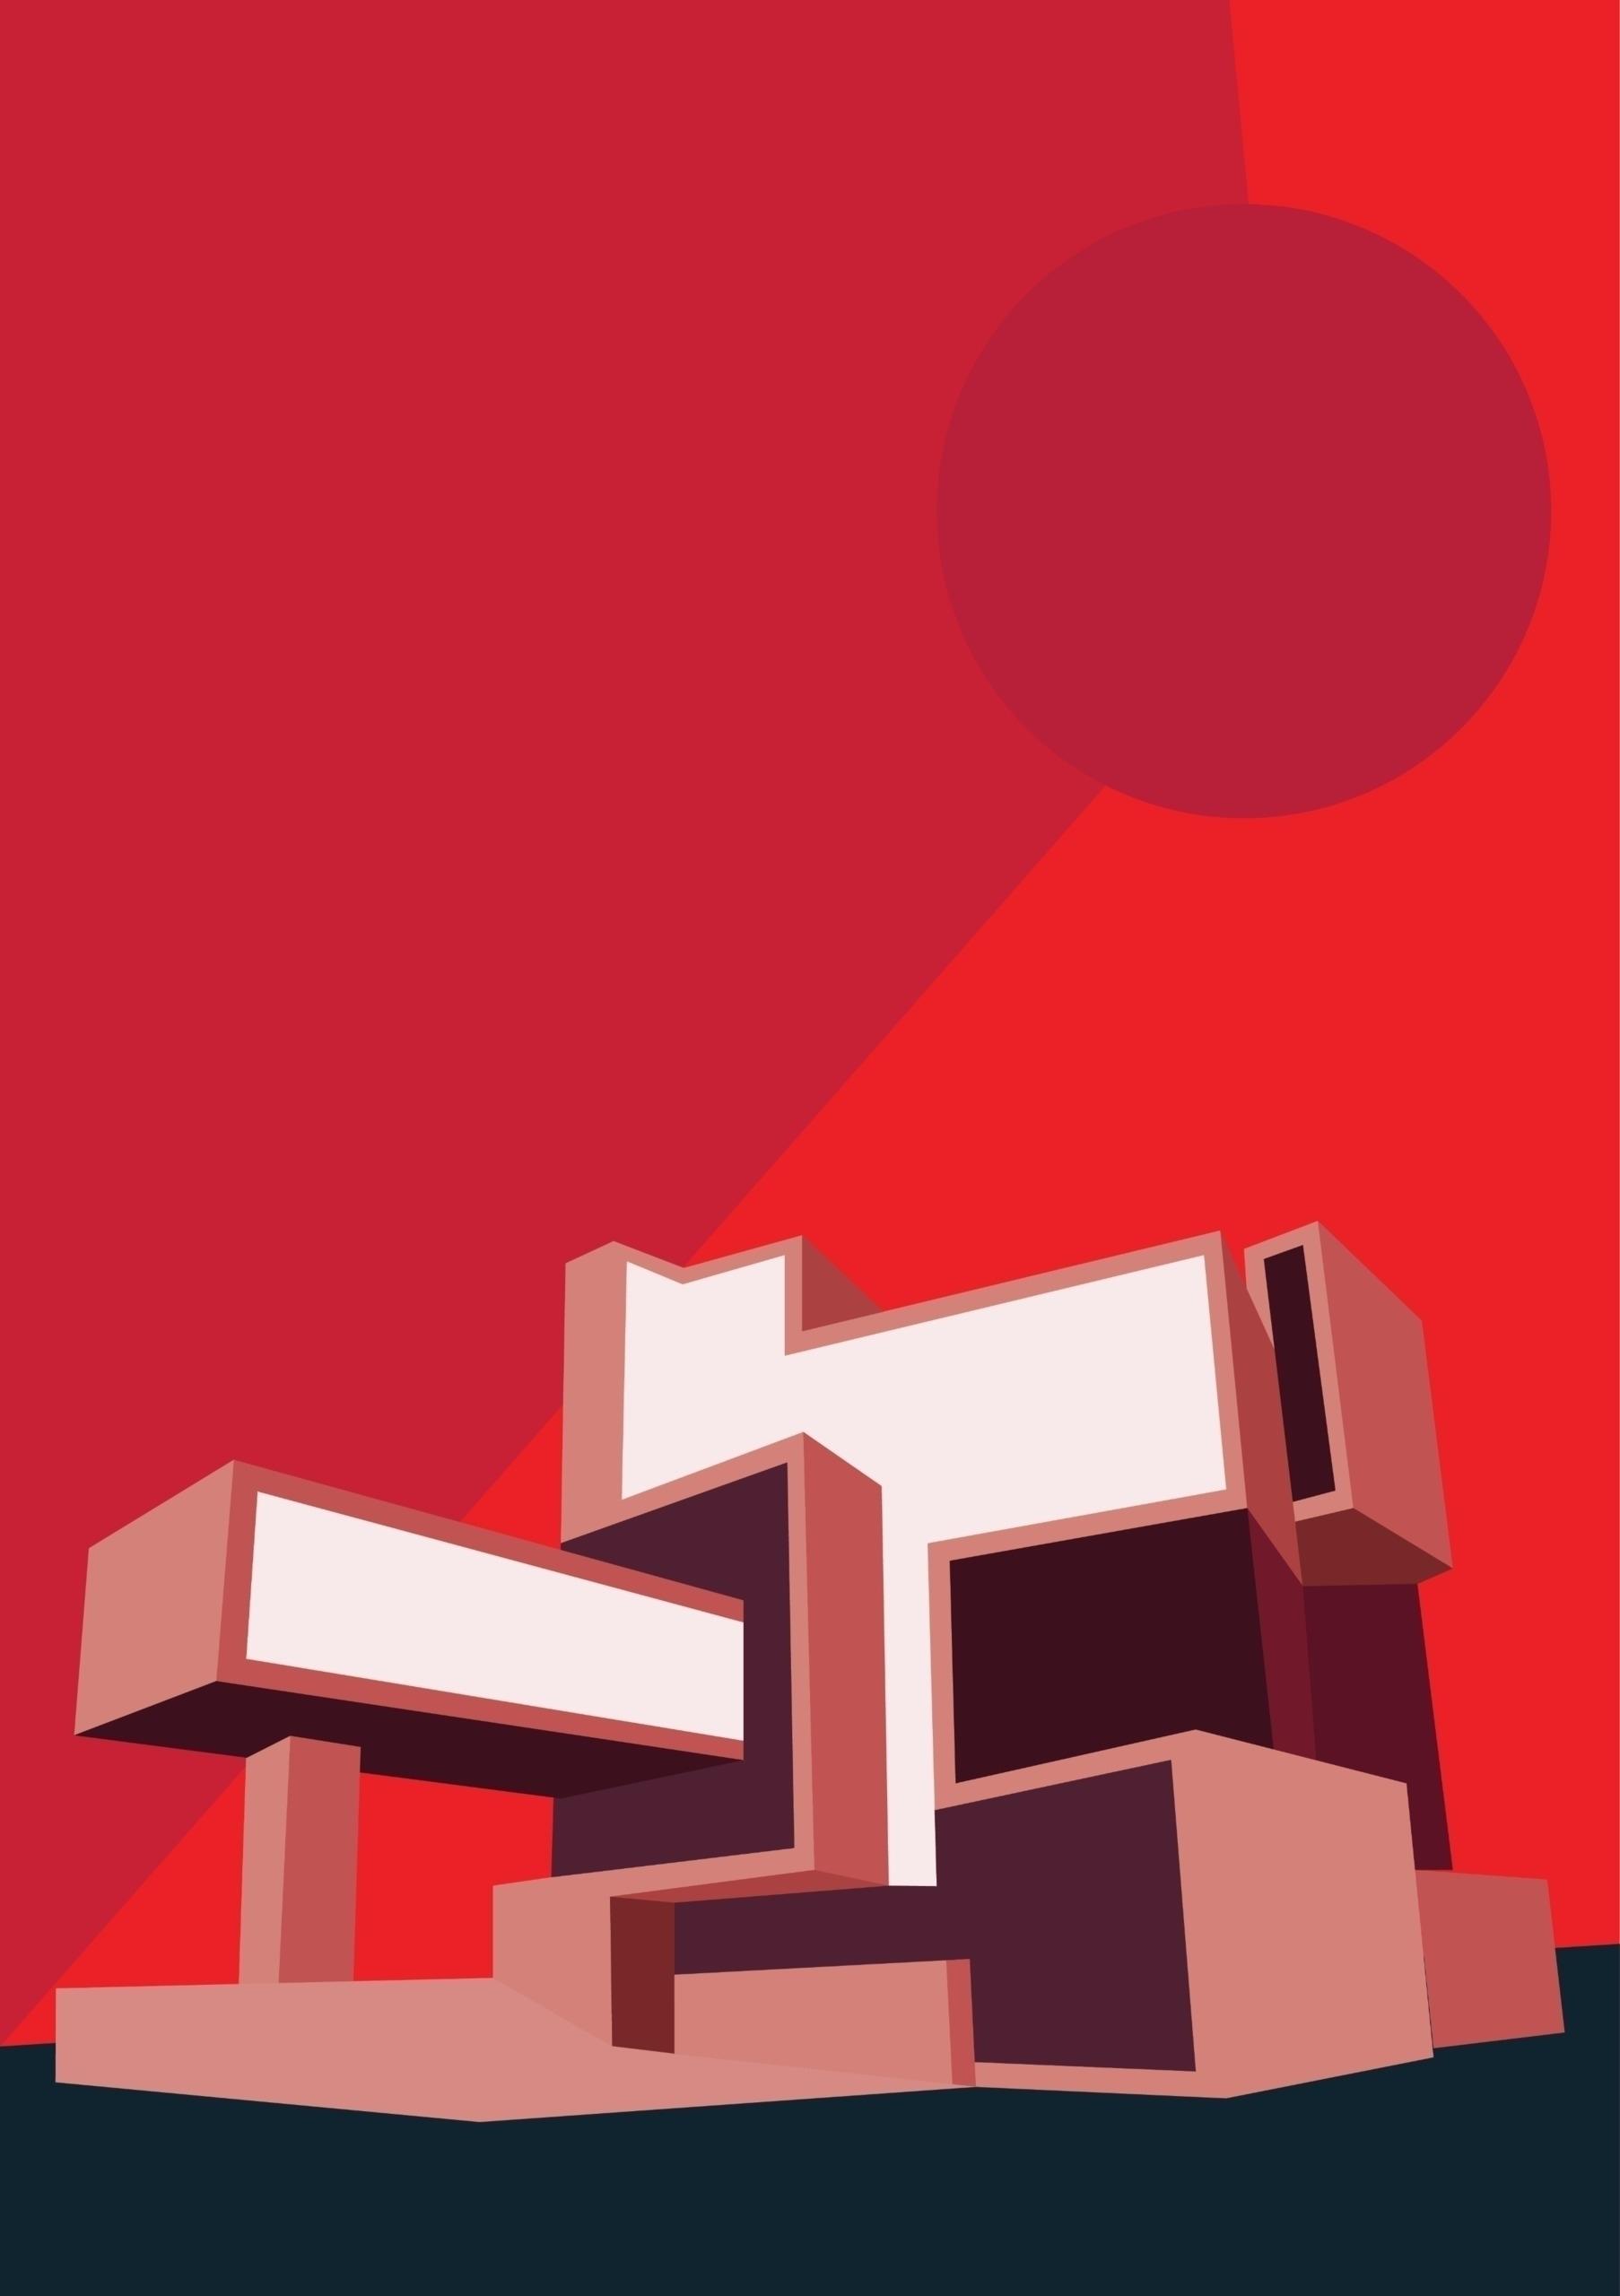 Red Architecture 2018 Print sal - martinaa | ello